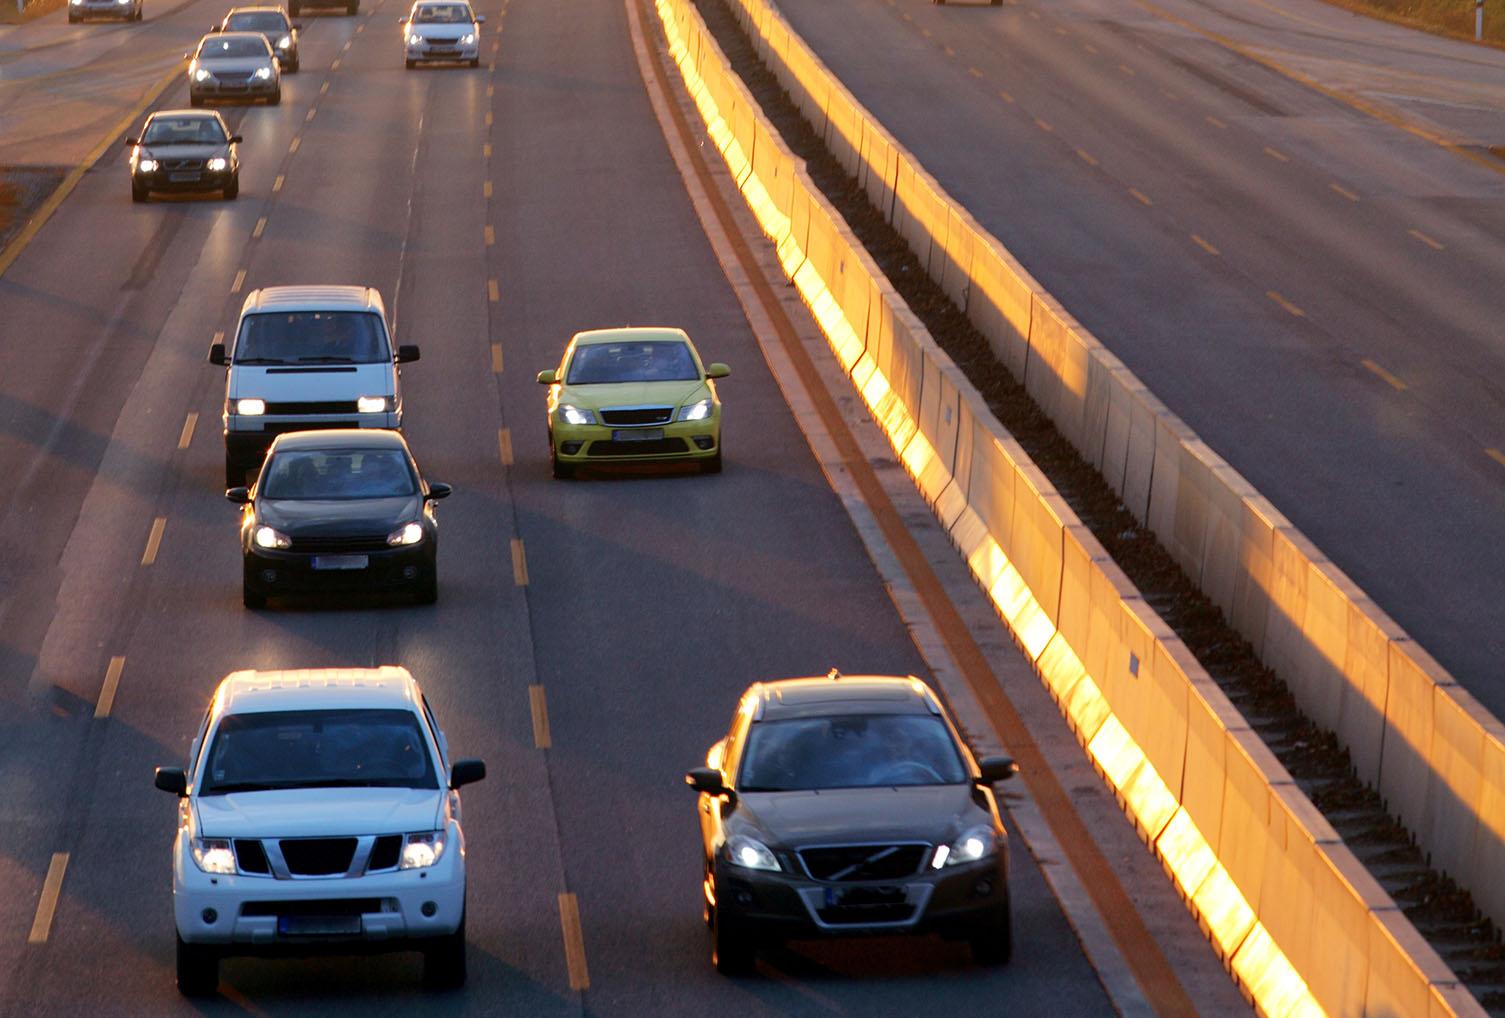 seguridad pasiva - se ven vehículos circulando en una autopista con mediana de hormigón